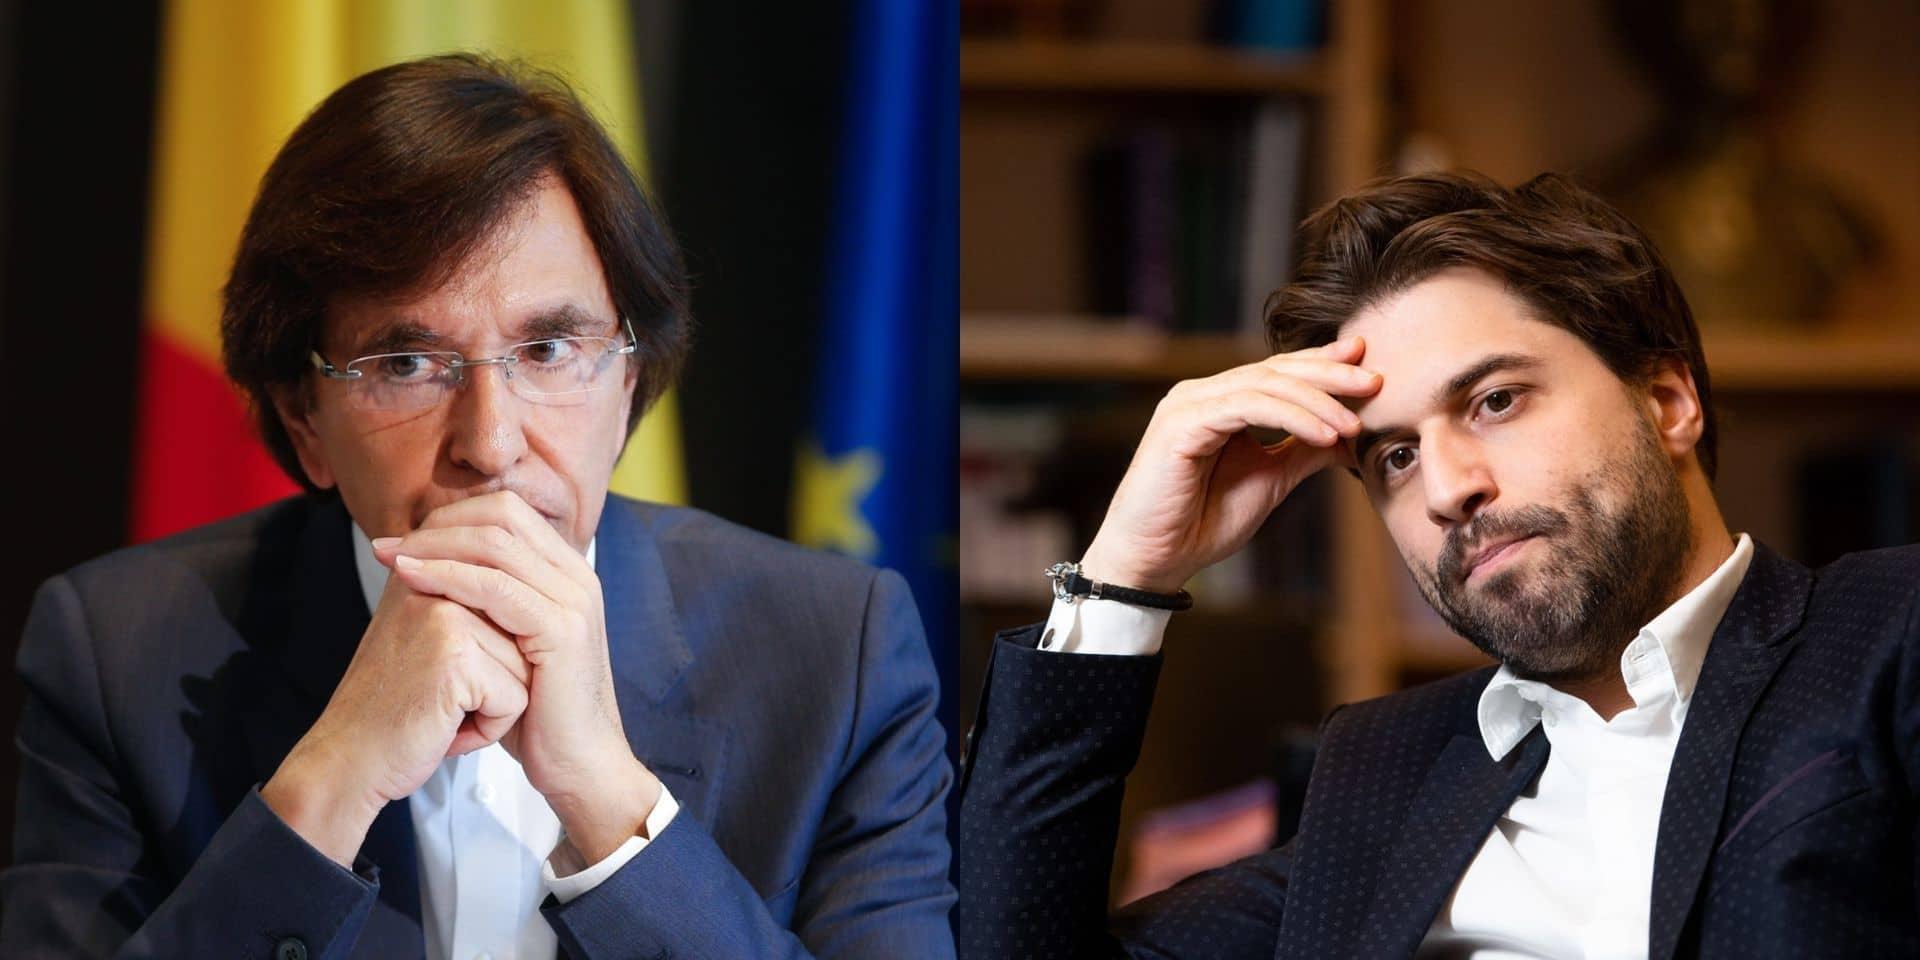 """Bouchez suscite le ras-le-bol au bureau du PS : """"Si on m'en donne le mandat, je changerai de majorité en Wallonie"""", glisse Elio Di Rupo"""